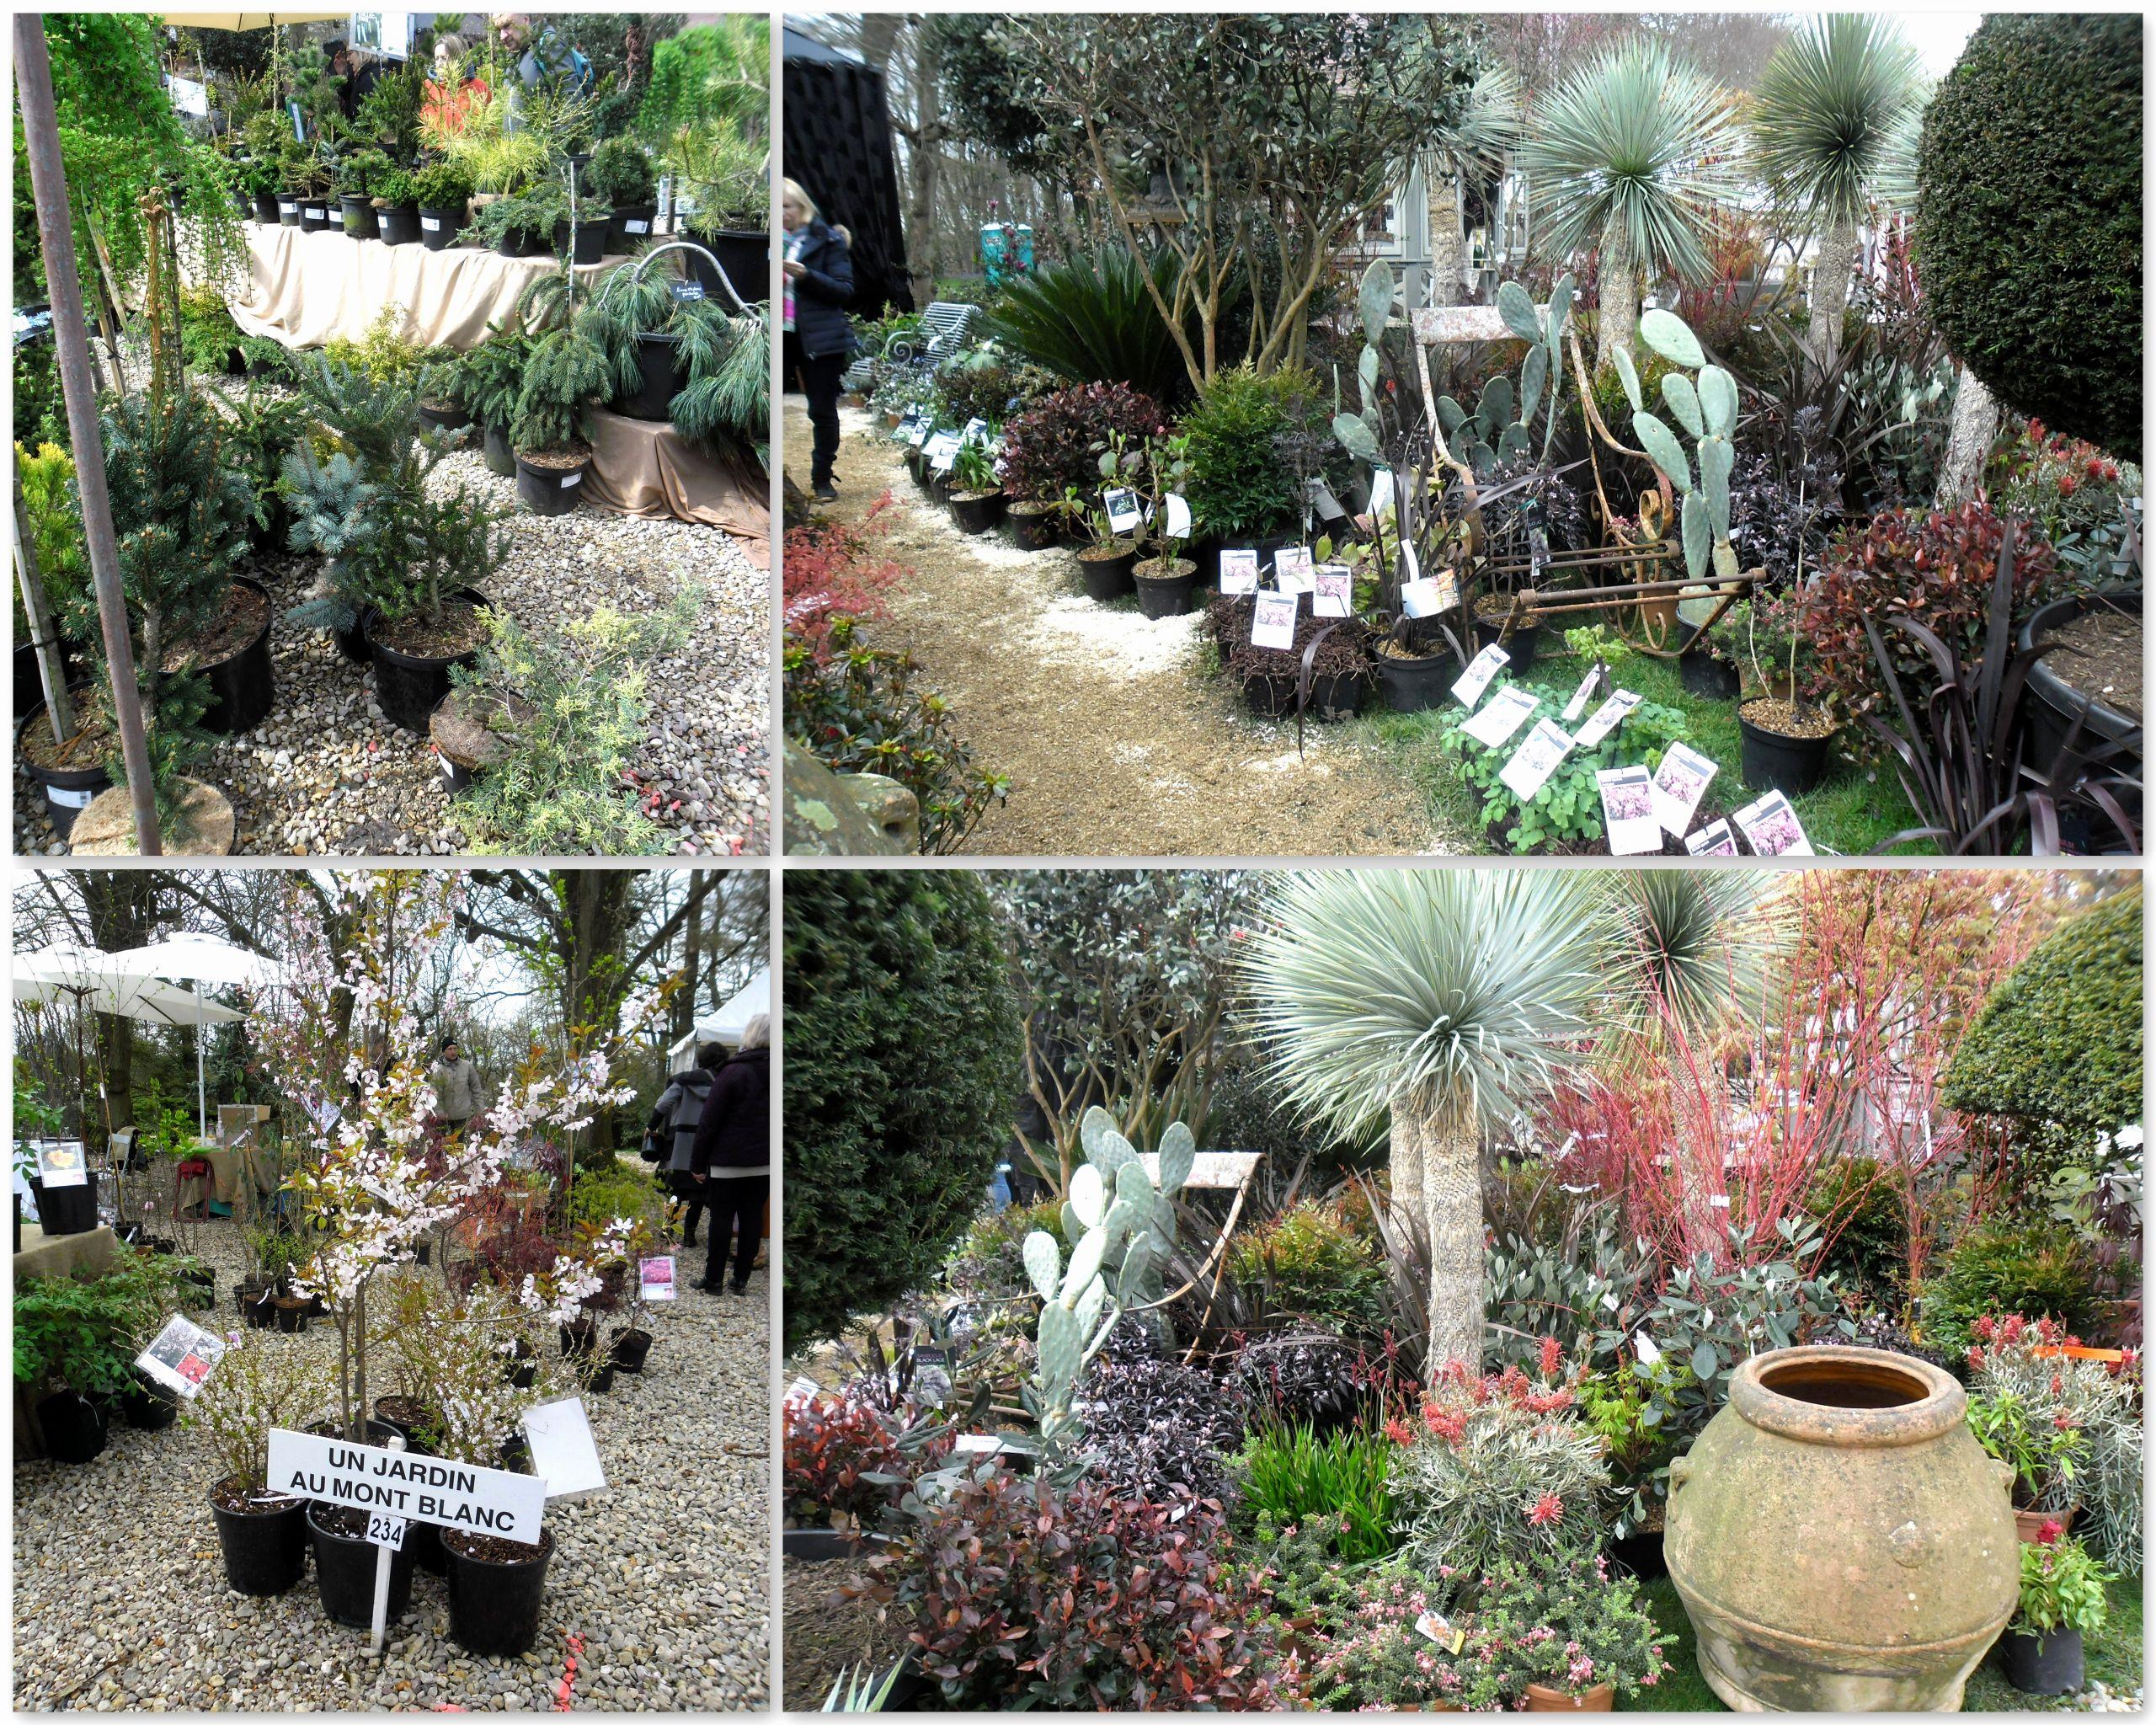 cabane jardin castorama elegant castorama cabane de jardin unique abri jardin tole beau cabane de of cabane jardin castorama